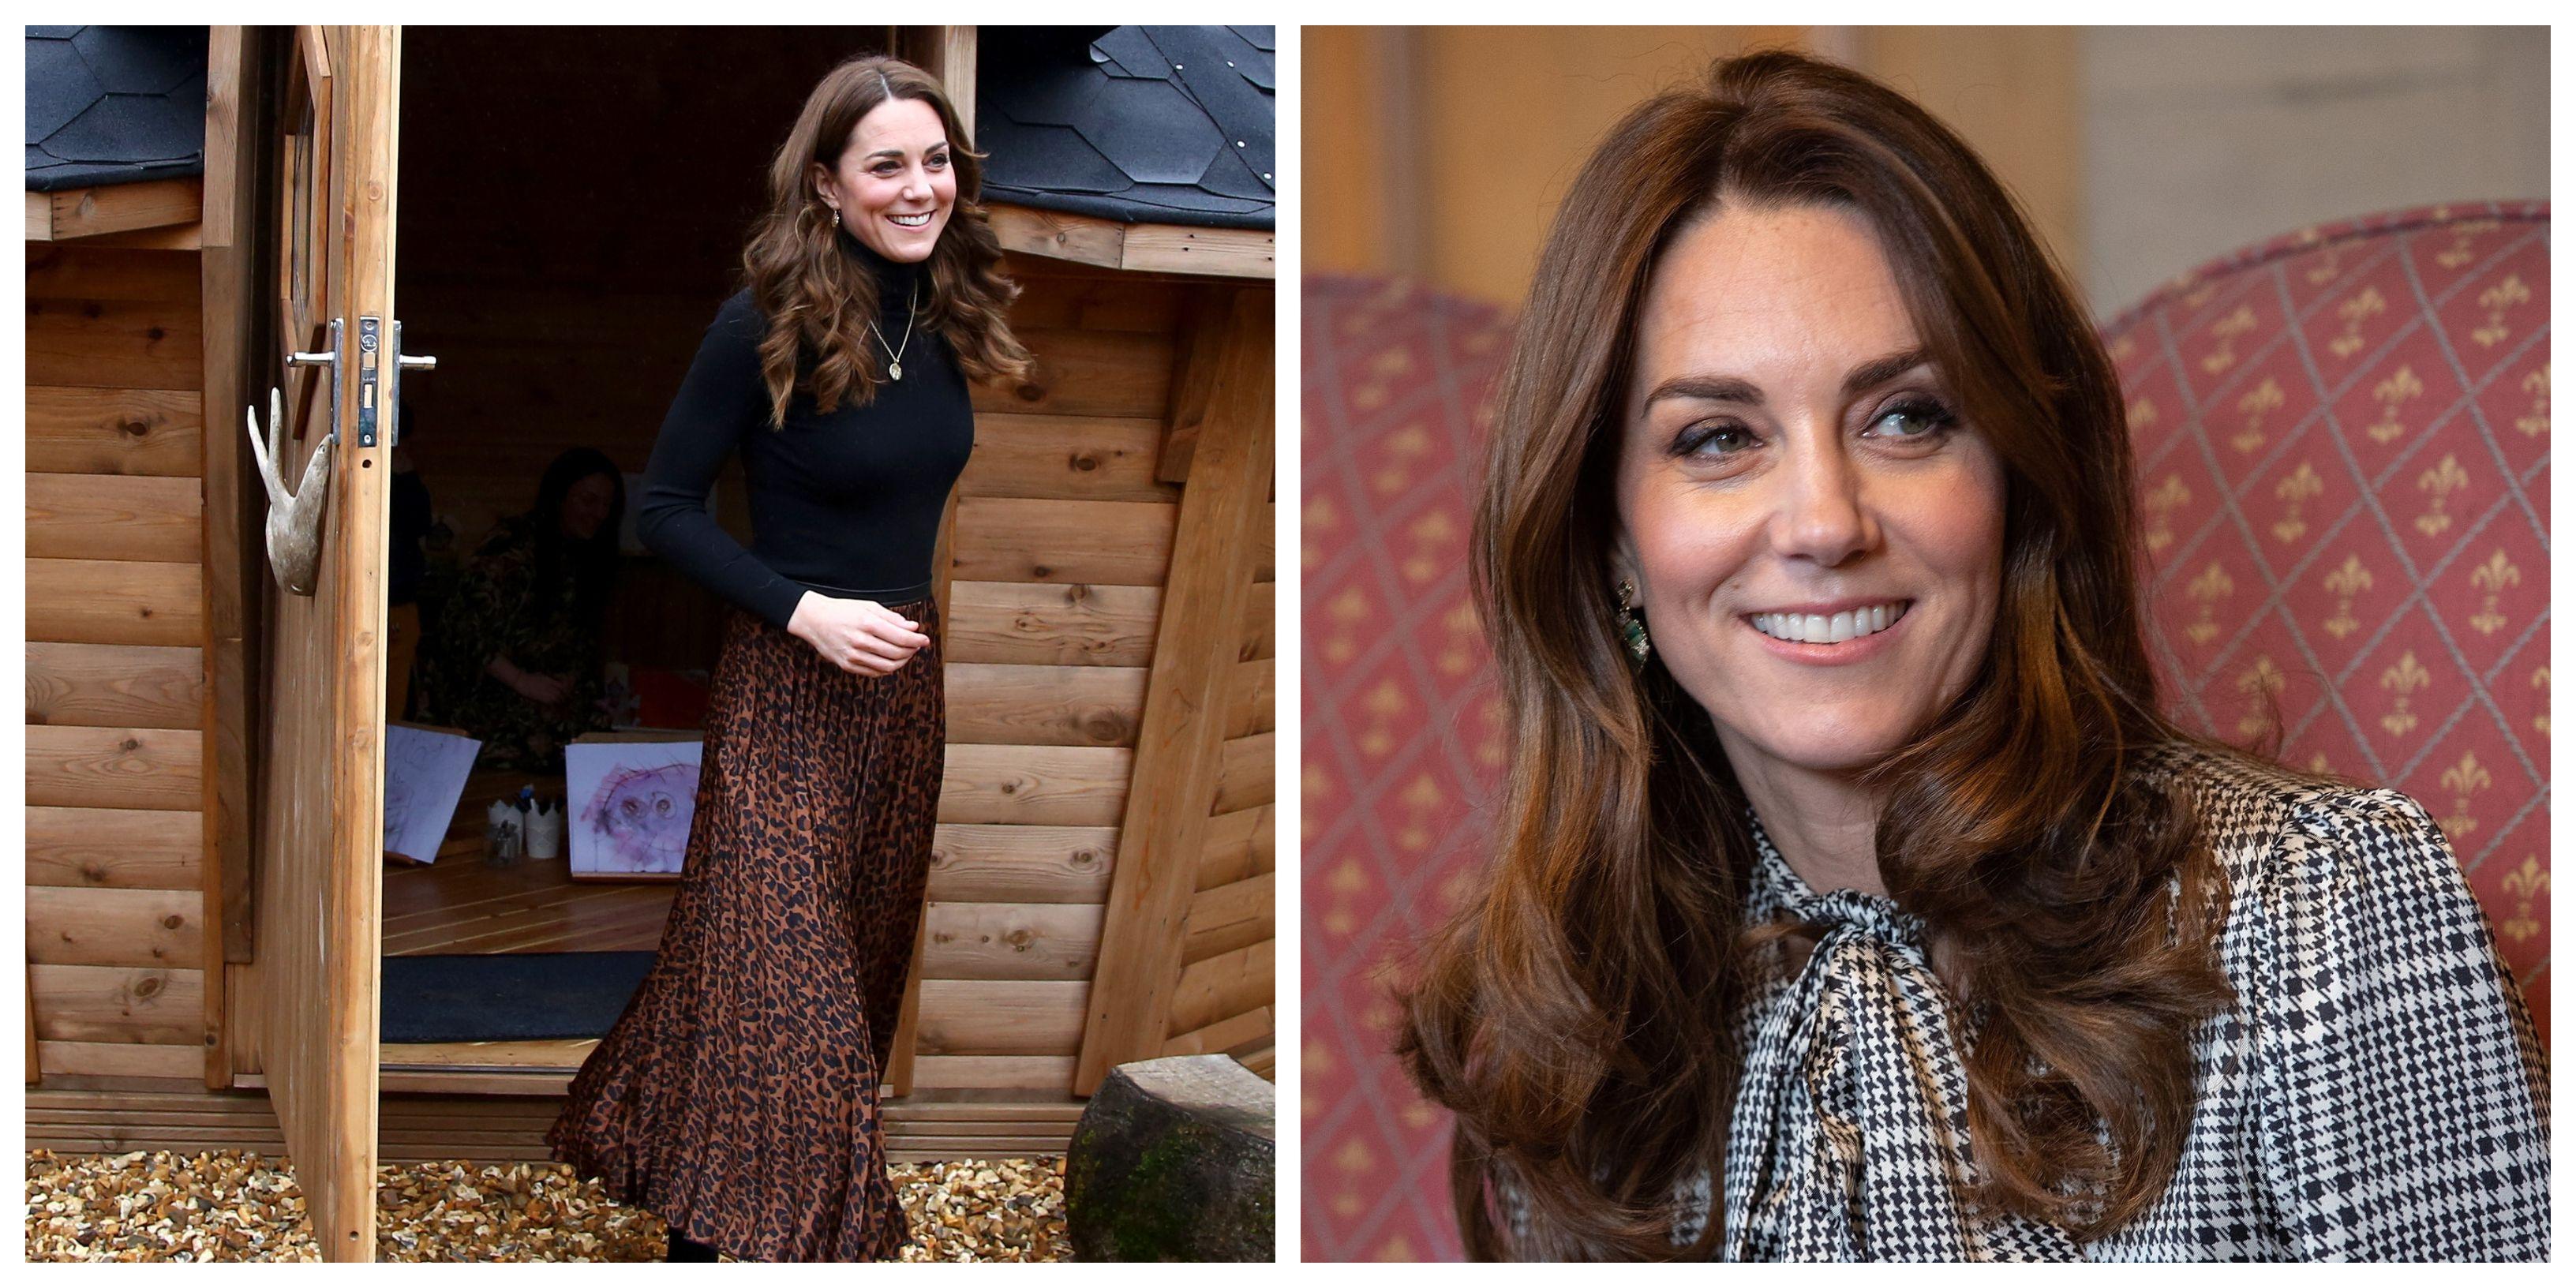 Kate je promijenila stil i počela nositi uzorke; modna stilistica otkriva razloge